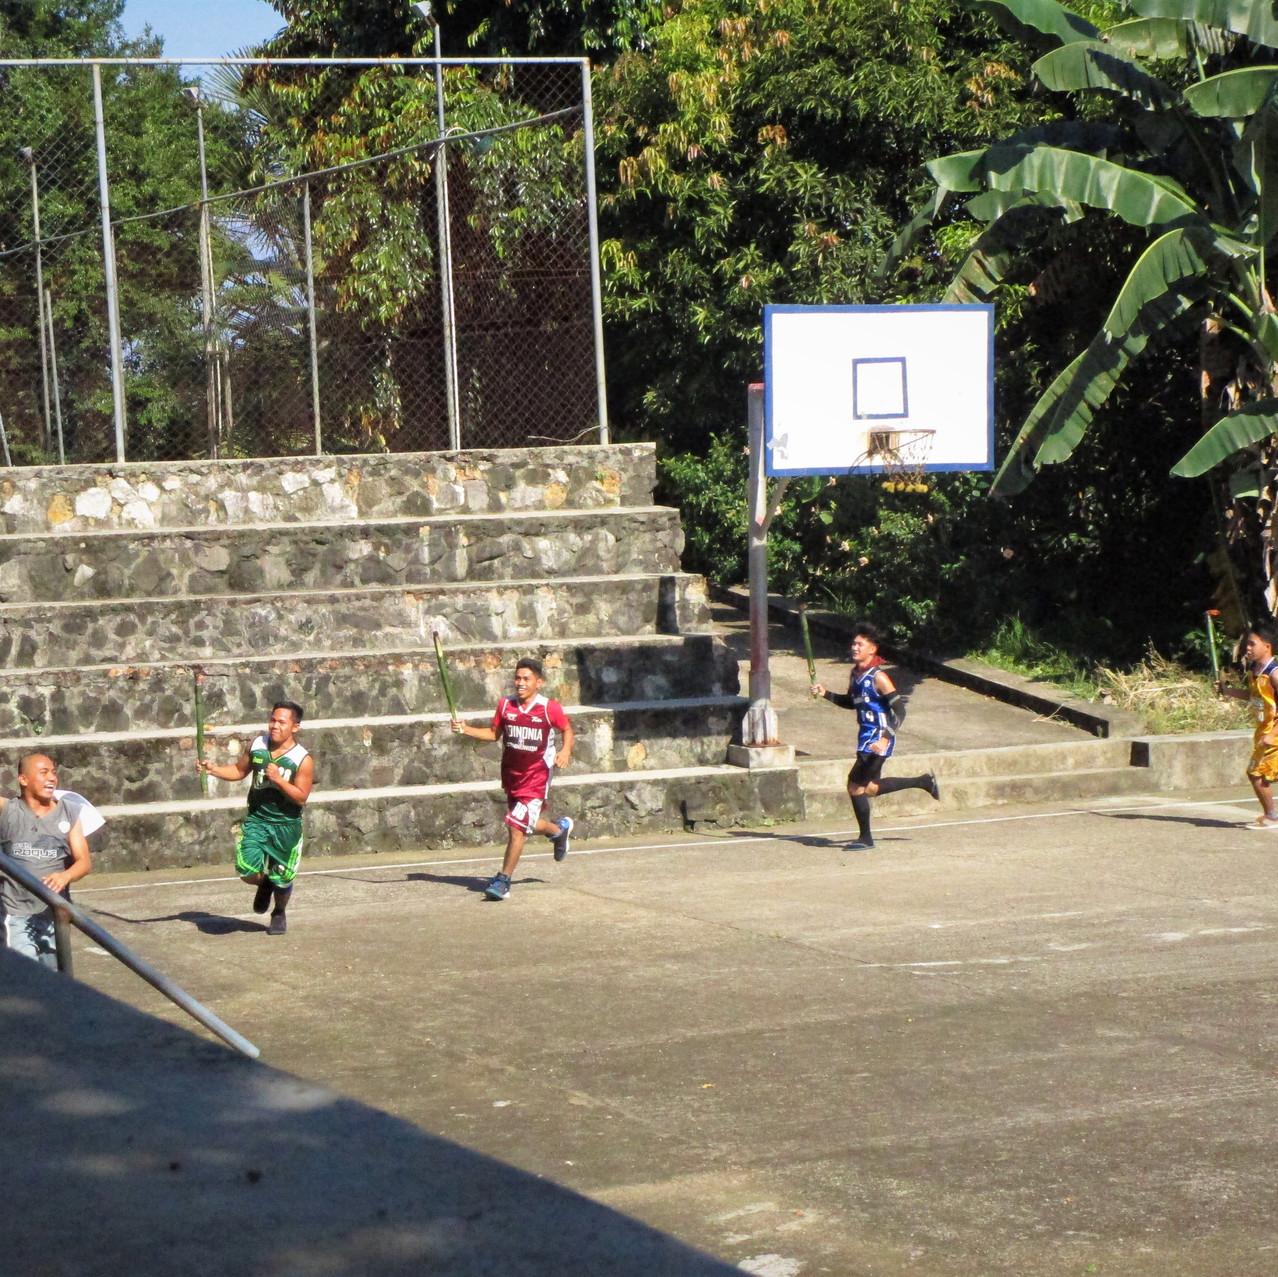 2018-06-15 - Calbayog City - Sportsfest (3)